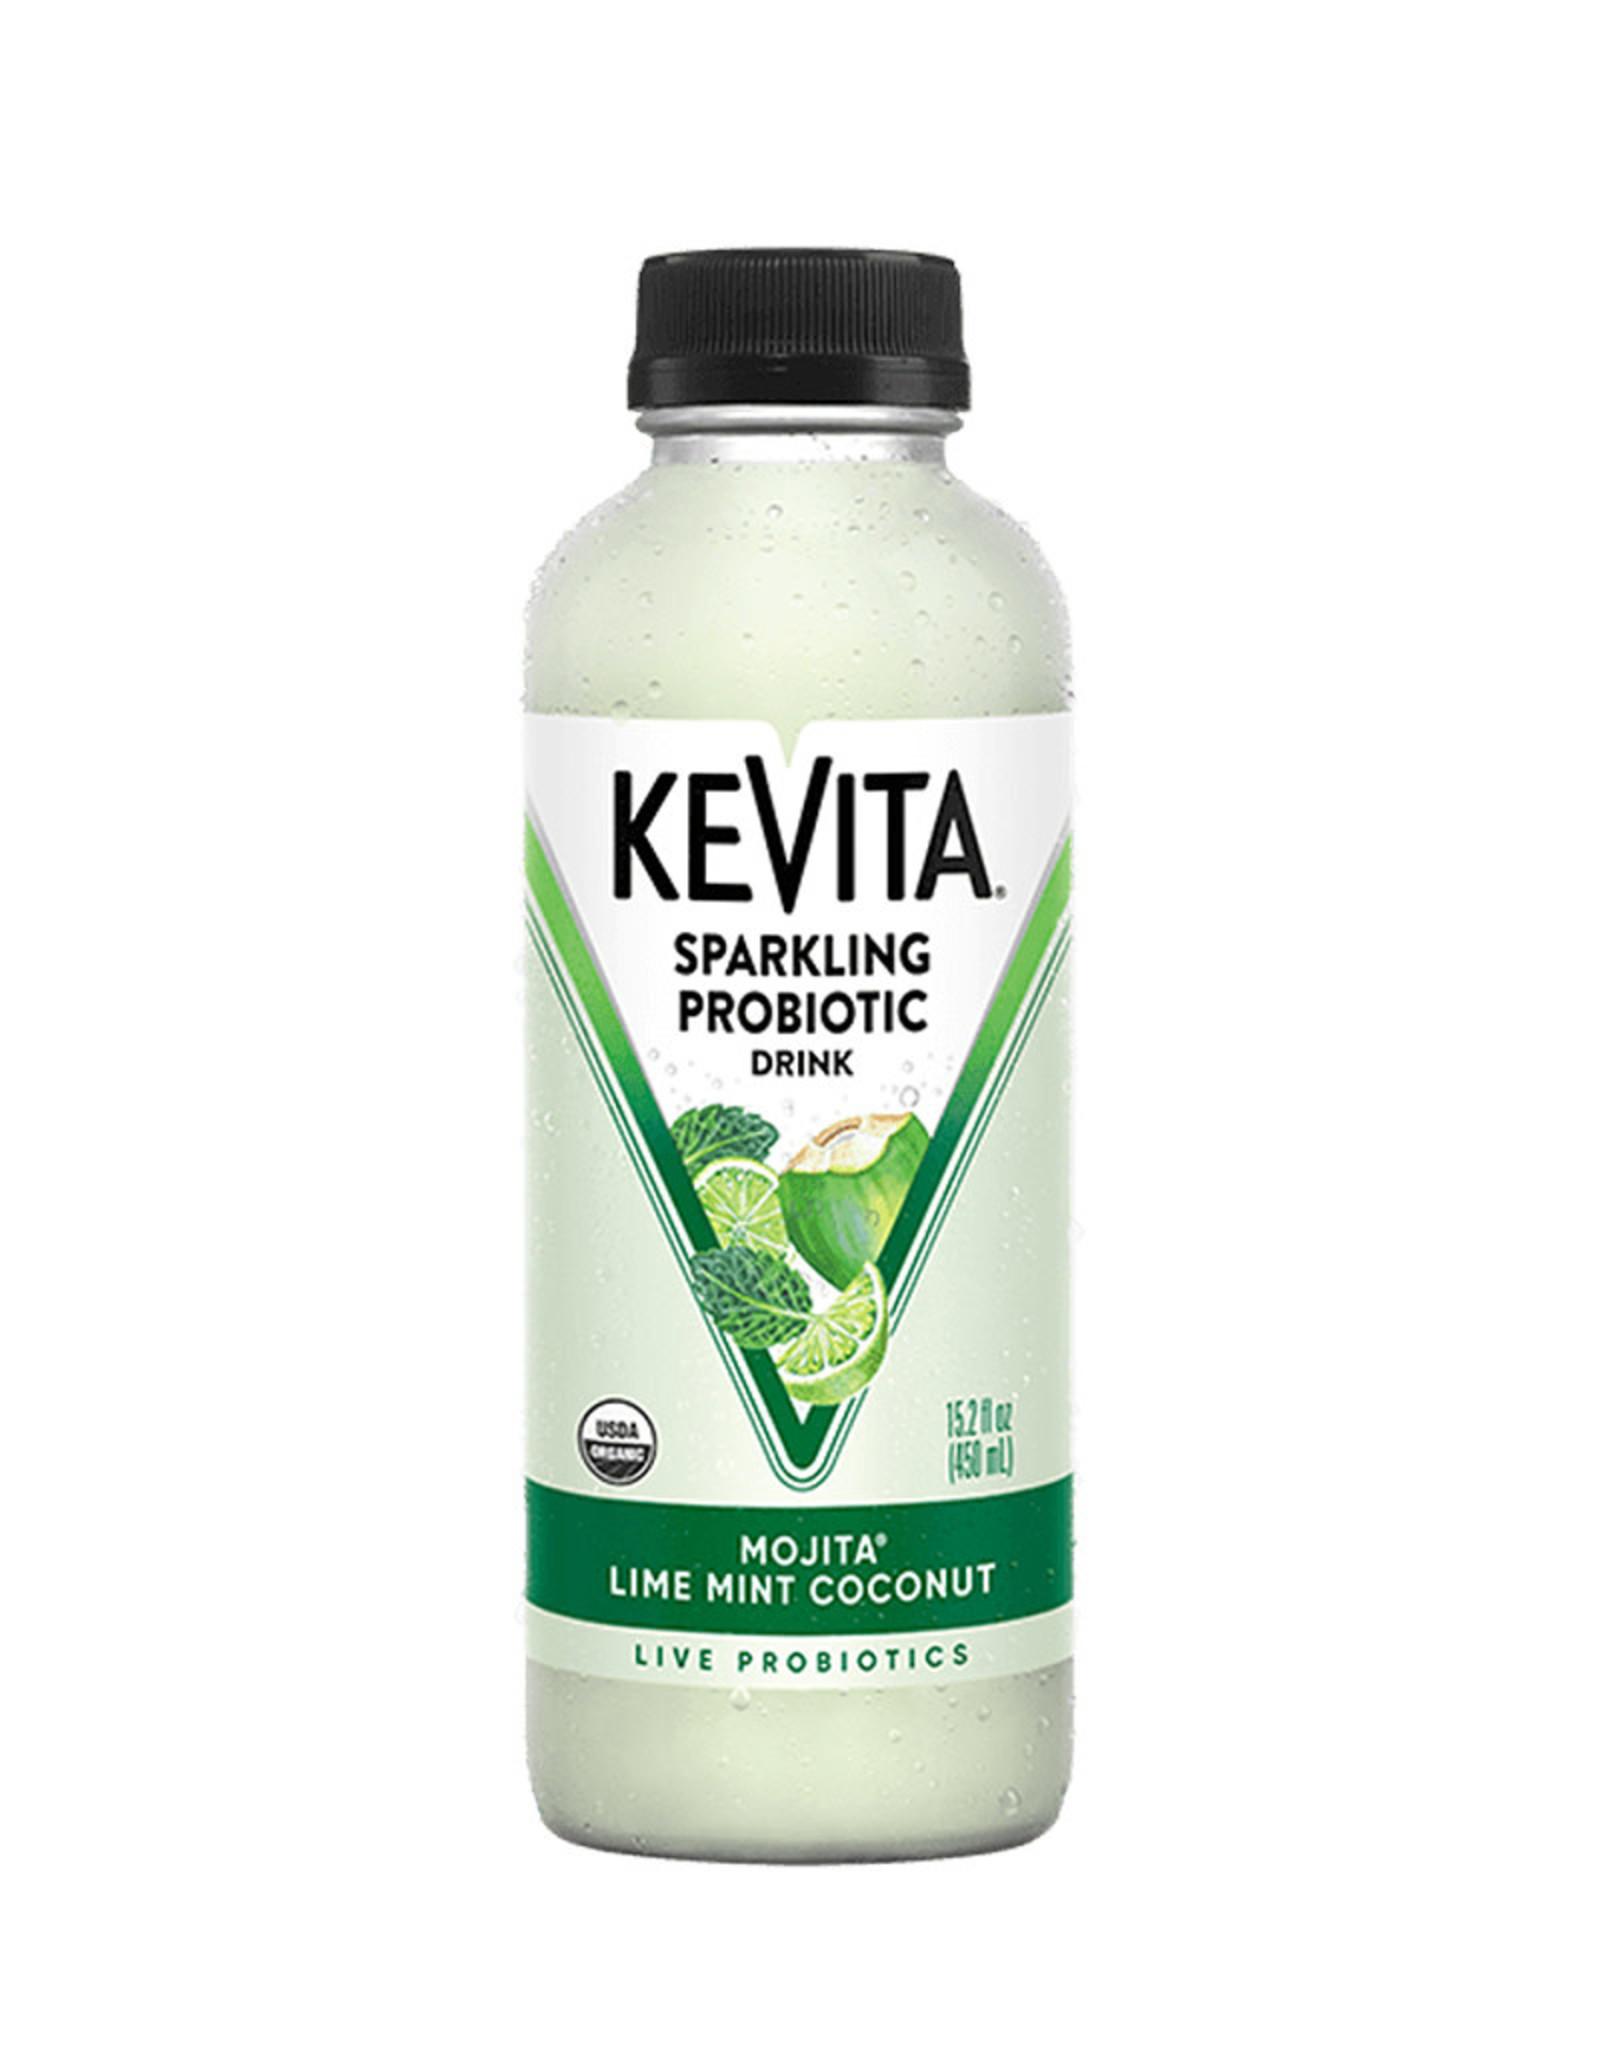 KeVita KeVita - Kefir Water, Lime Mint Coconut (450ml)